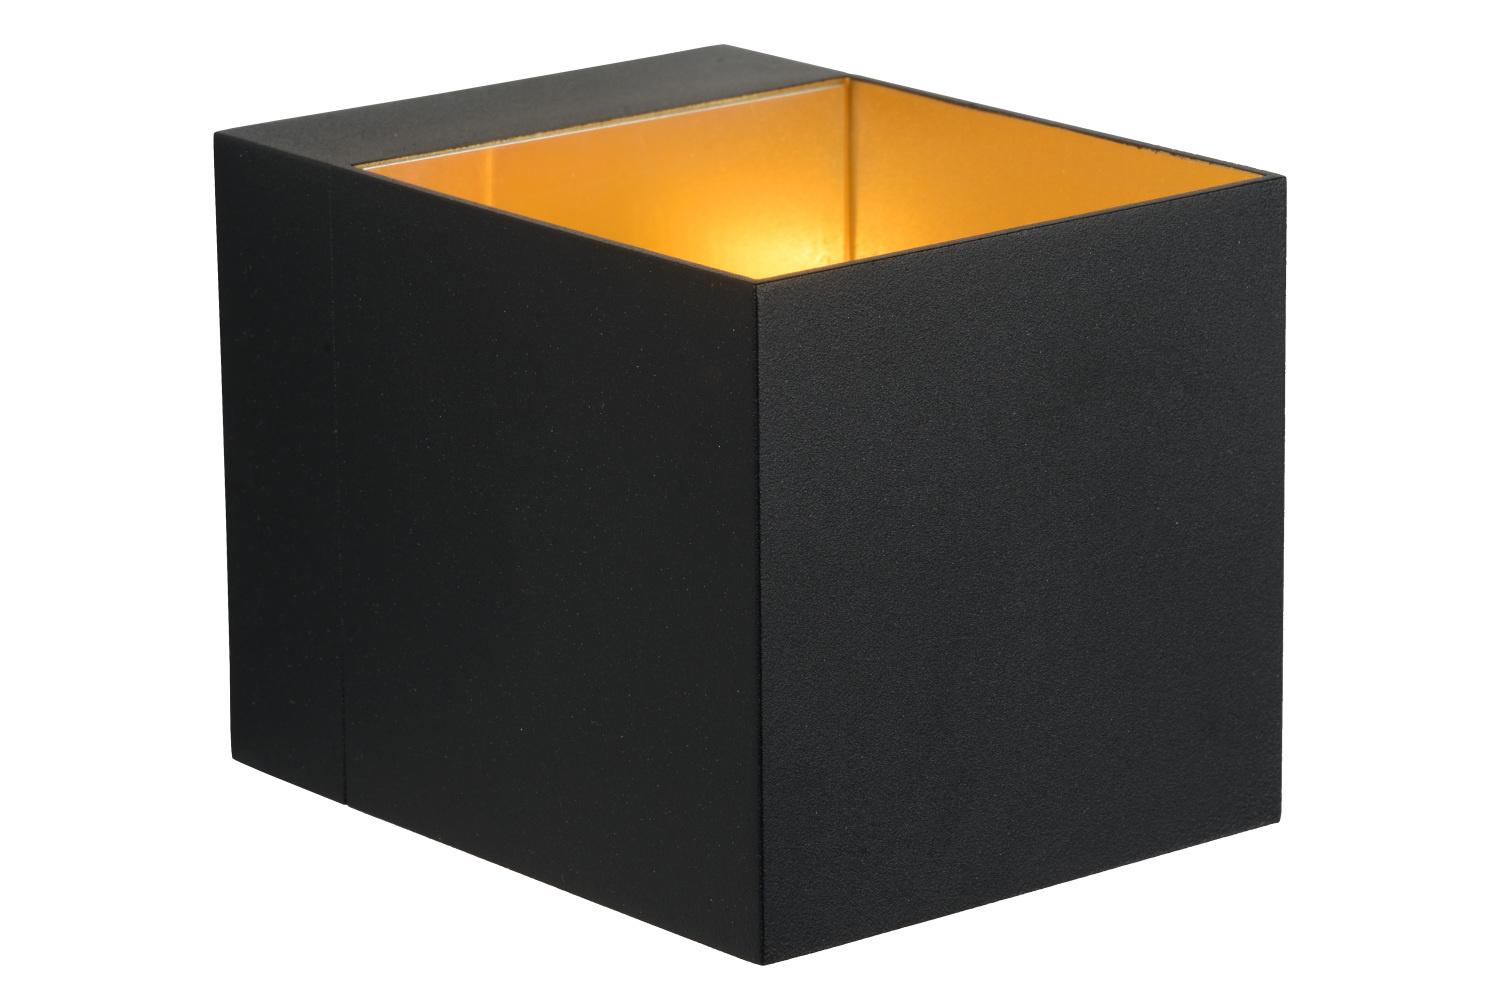 Lucide DEVI Wandlicht G9excl L8 B8 H10,5cm Zwart/goud